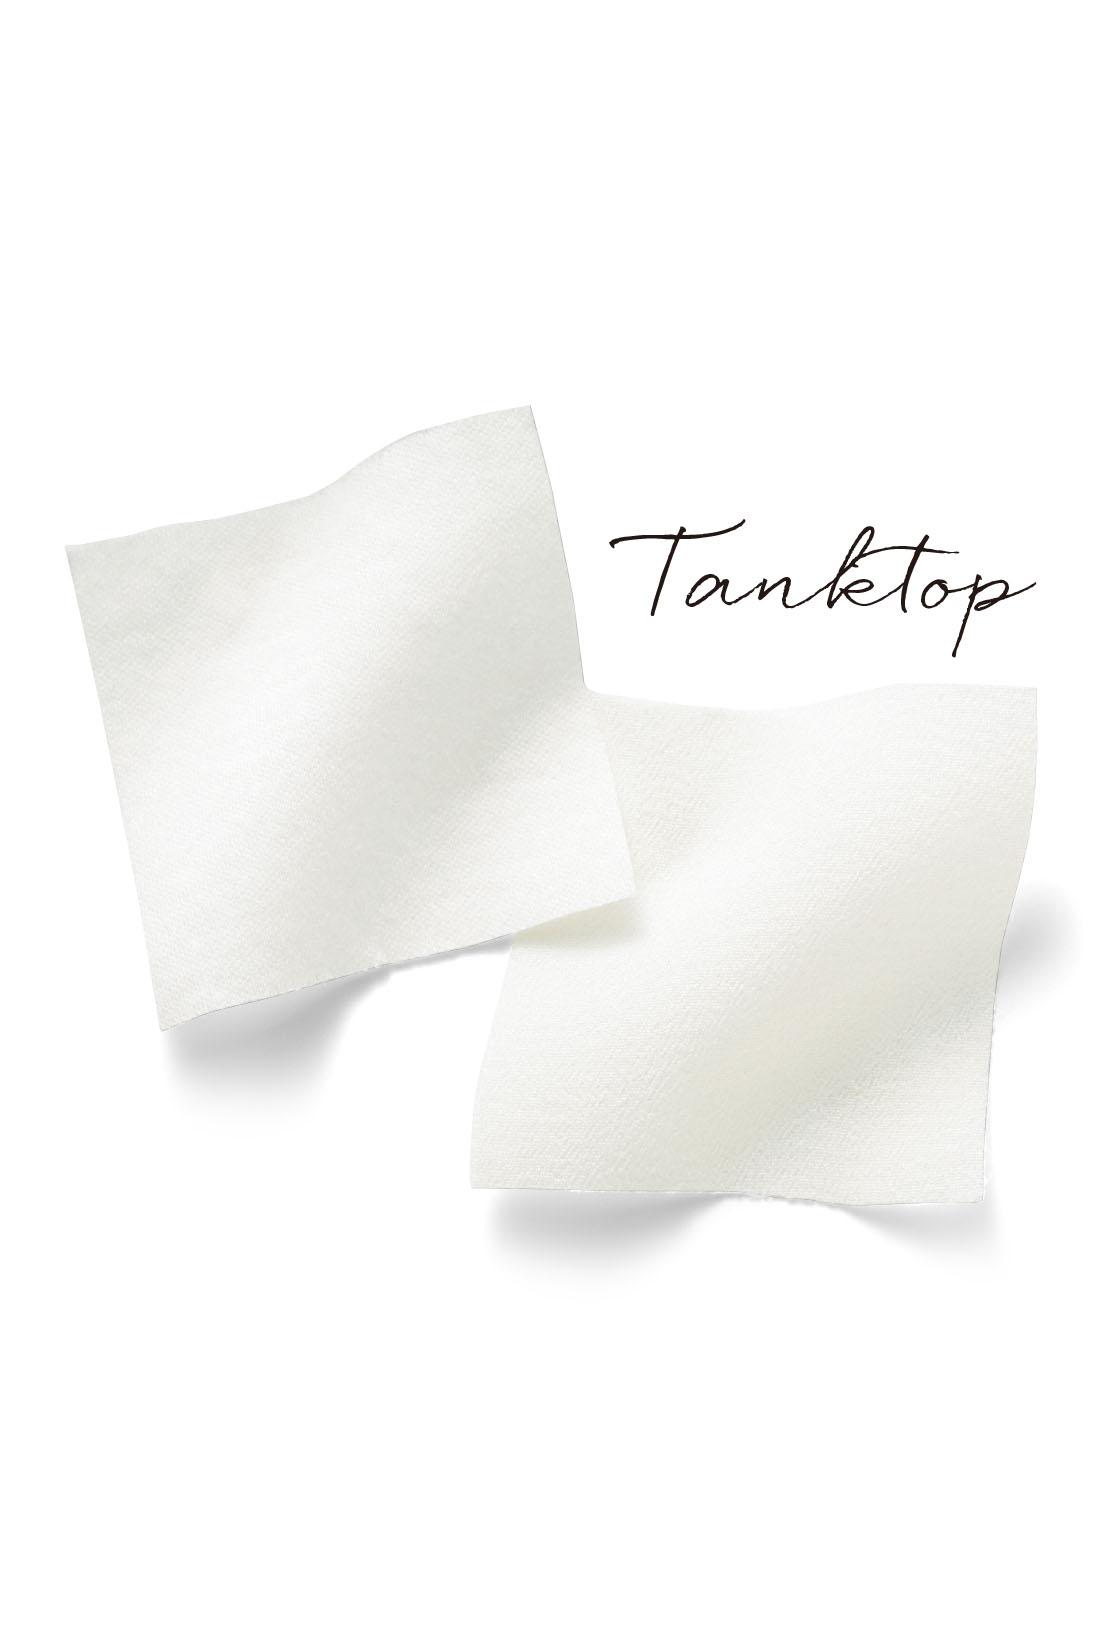 カットソー部分には、艶やかで肌あたりもソフトなシルケットコットン天じくを採用。すそは落ち感のきれいなデシンで切り替え華やかに。